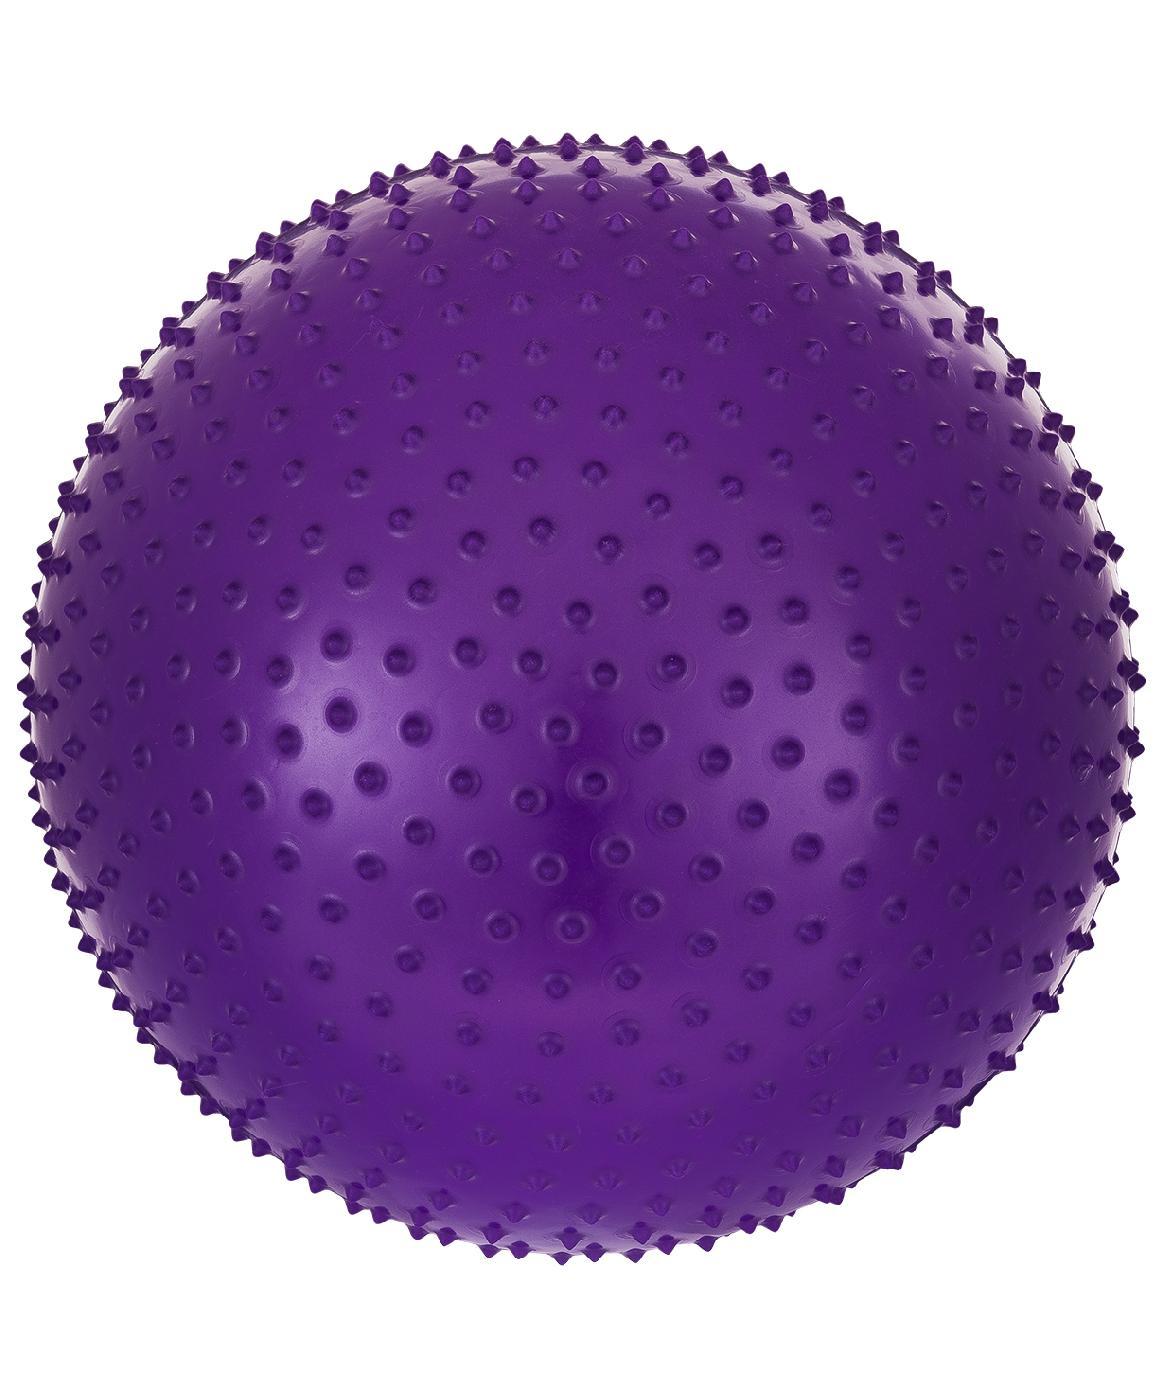 Мяч для фитнеса Starfit Мяч гимнастический массажный GB-301 65 см, антивзрыв, фиолетовый starfit мяч гимнастический массажный gb 301 65 см фиолетовый антивзрыв